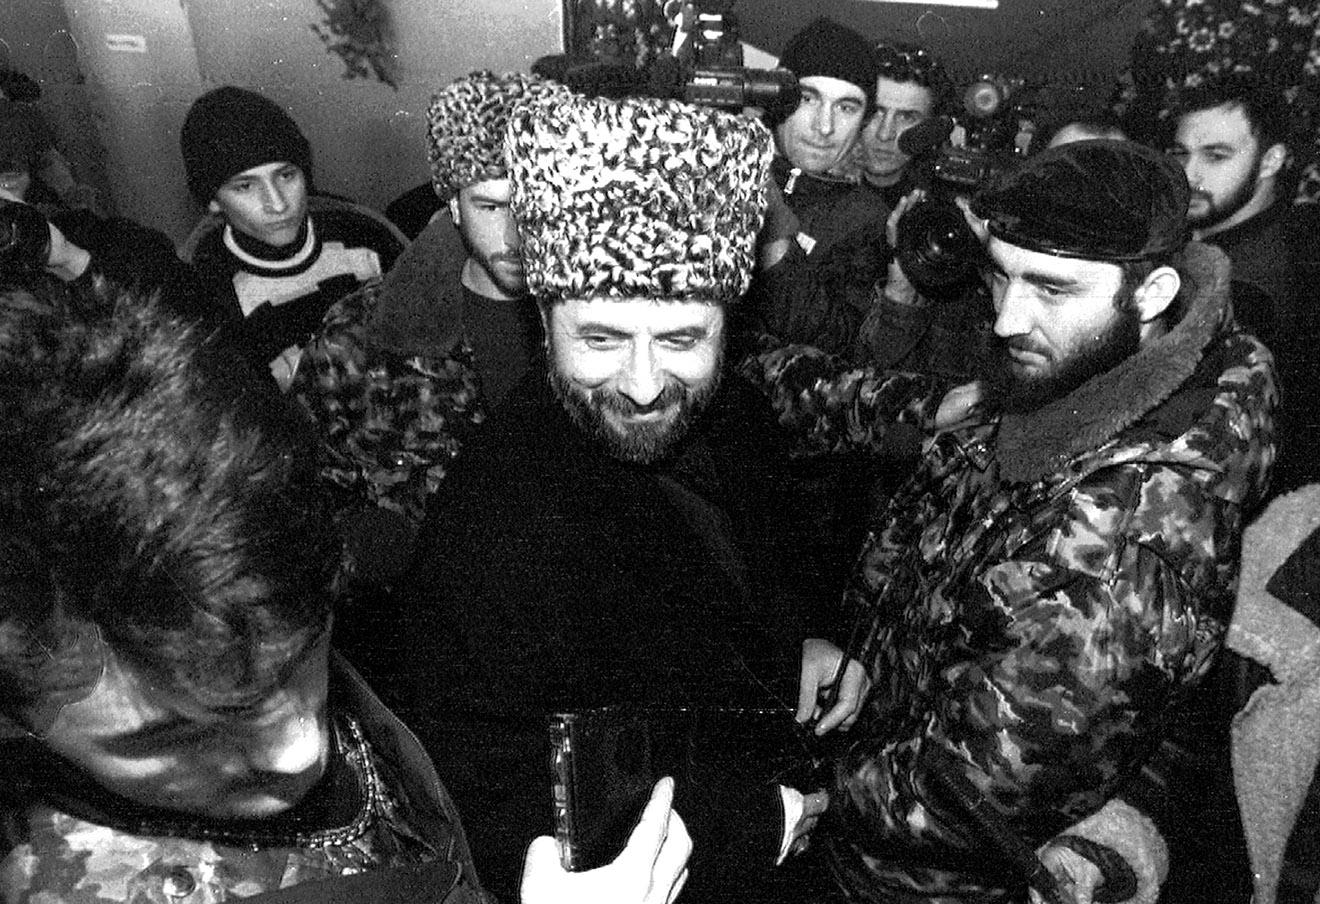 Зелимхан Яндарбиев, 1997 год.